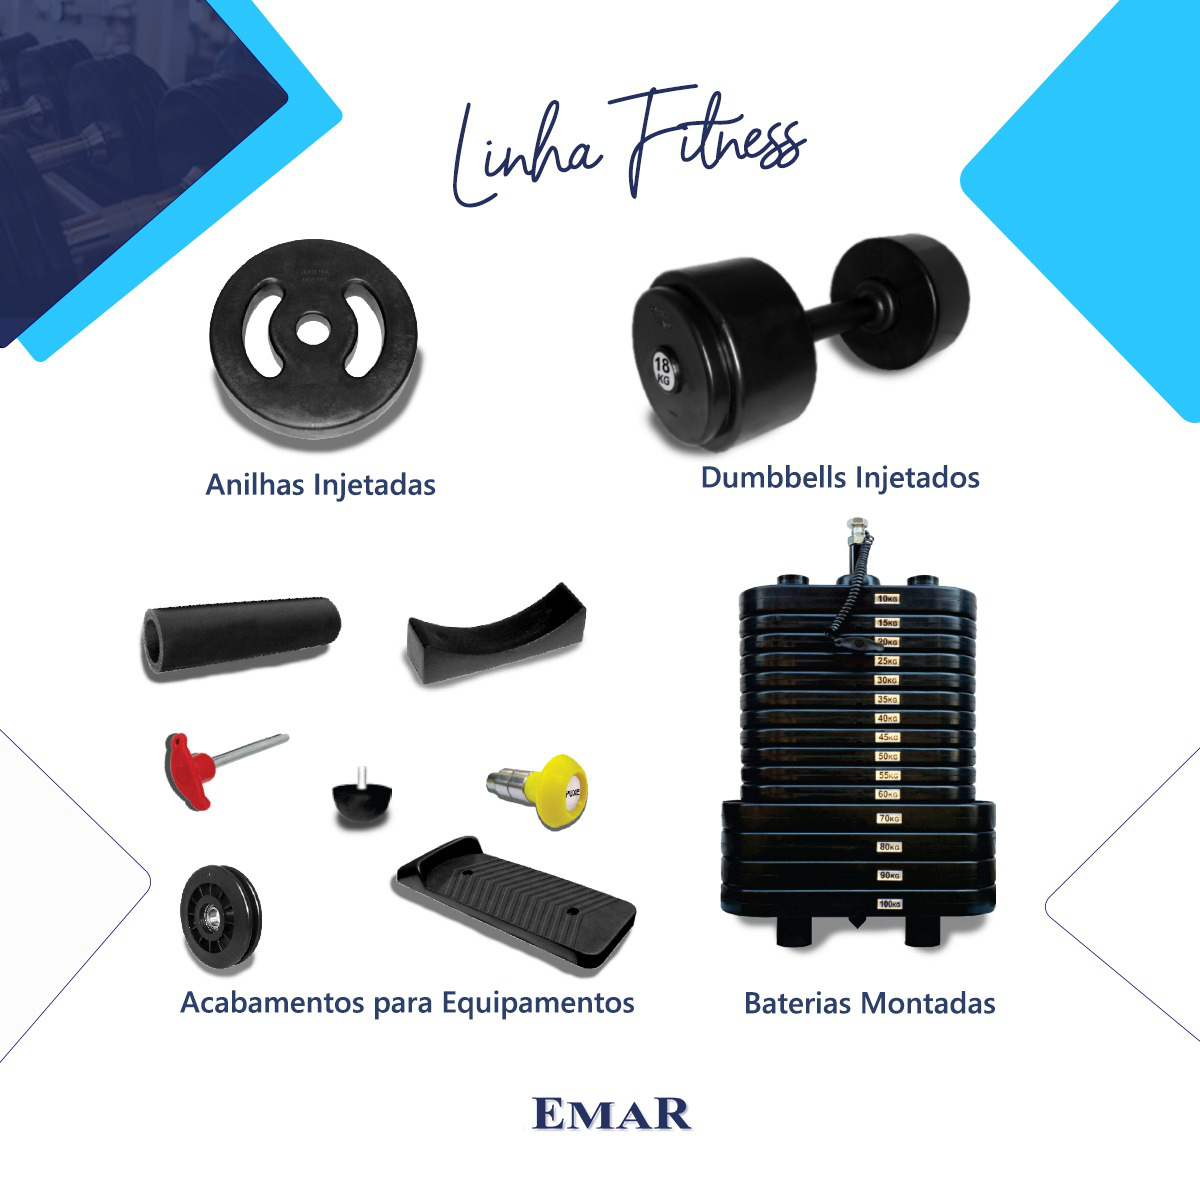 Regulador de Esforço 40 x 40 mm